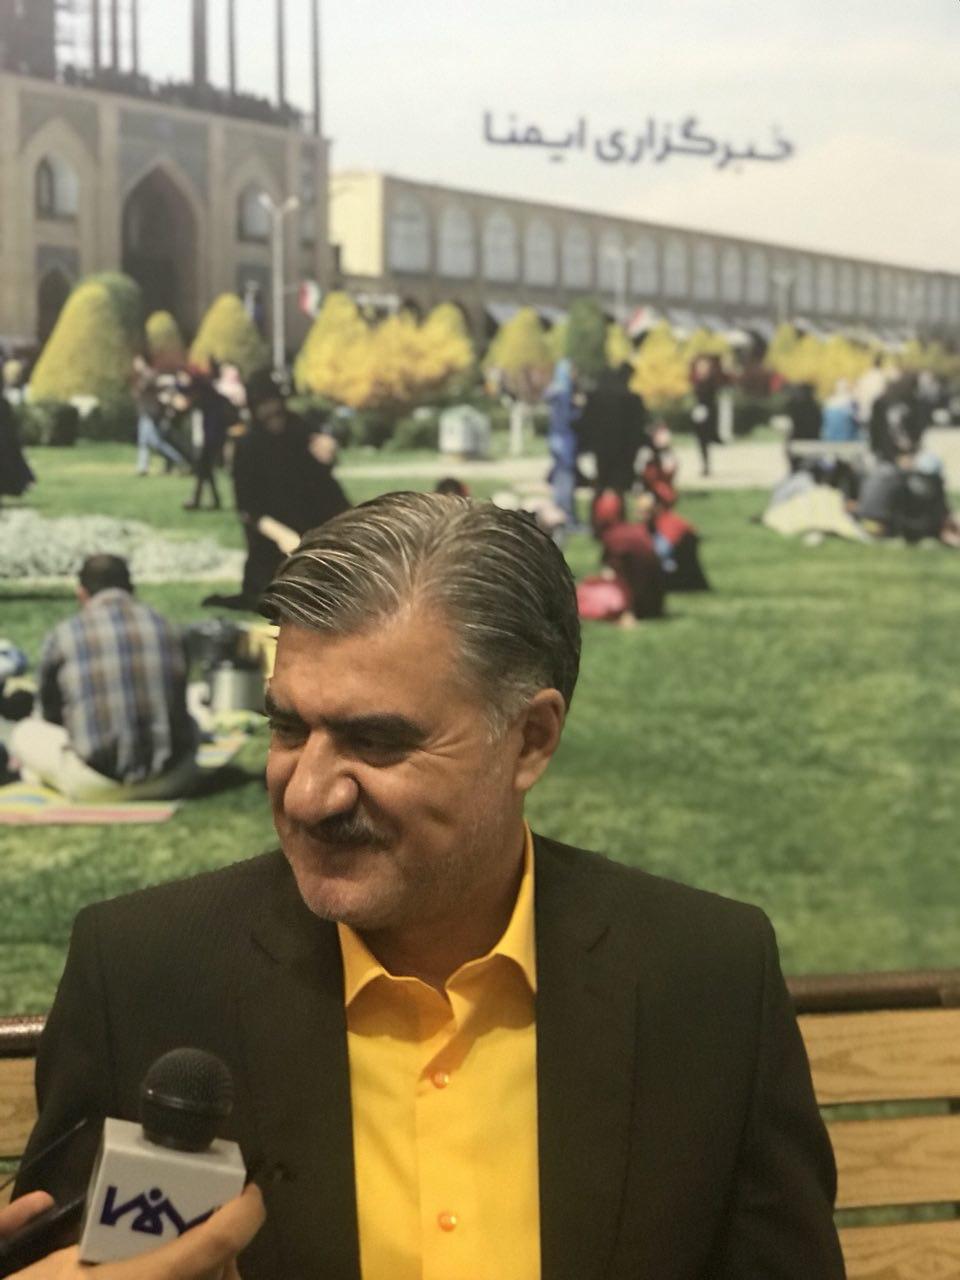 رییس کمیسیون اجتماعی مجلس شورای اسلامی در غرفه ایمنا: افراد شاد انگیزه بیشتری برای کار دارند